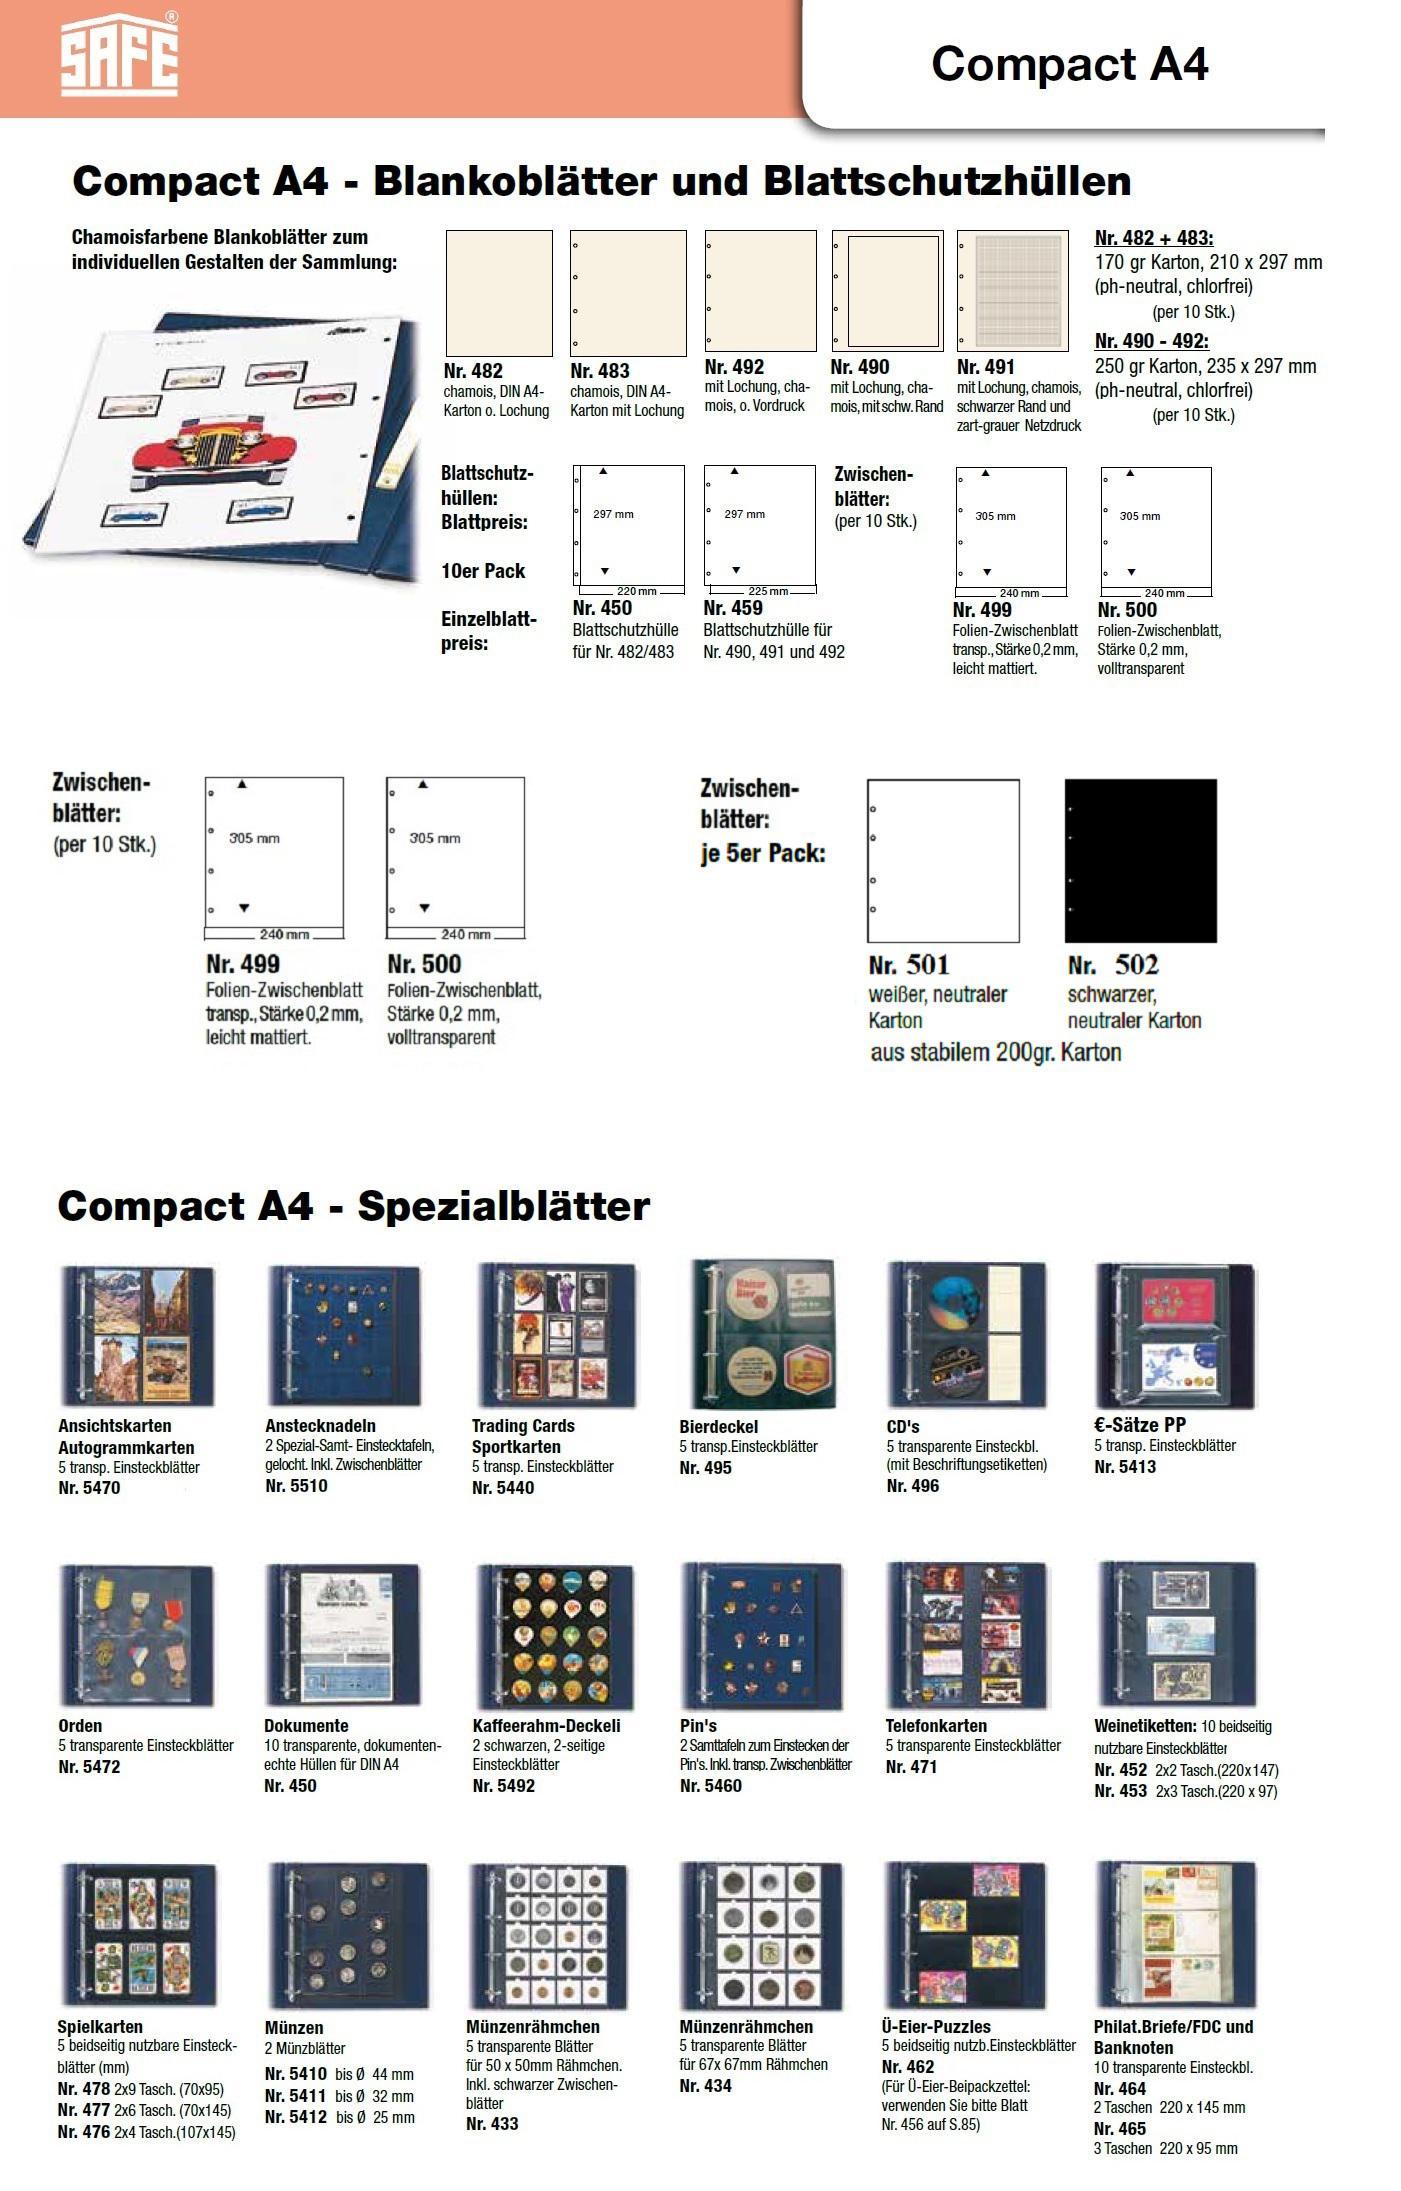 Autogrammkarten Postkarten Ideal f/ür Fotos Platz f/ür bis zu 80 Urlaubsbilder Weichmacherfrei Format 10 x 15 CM Bilder universal Lochung SAFE 5471 10 x SAFE Fotoh/üllen DIN A4